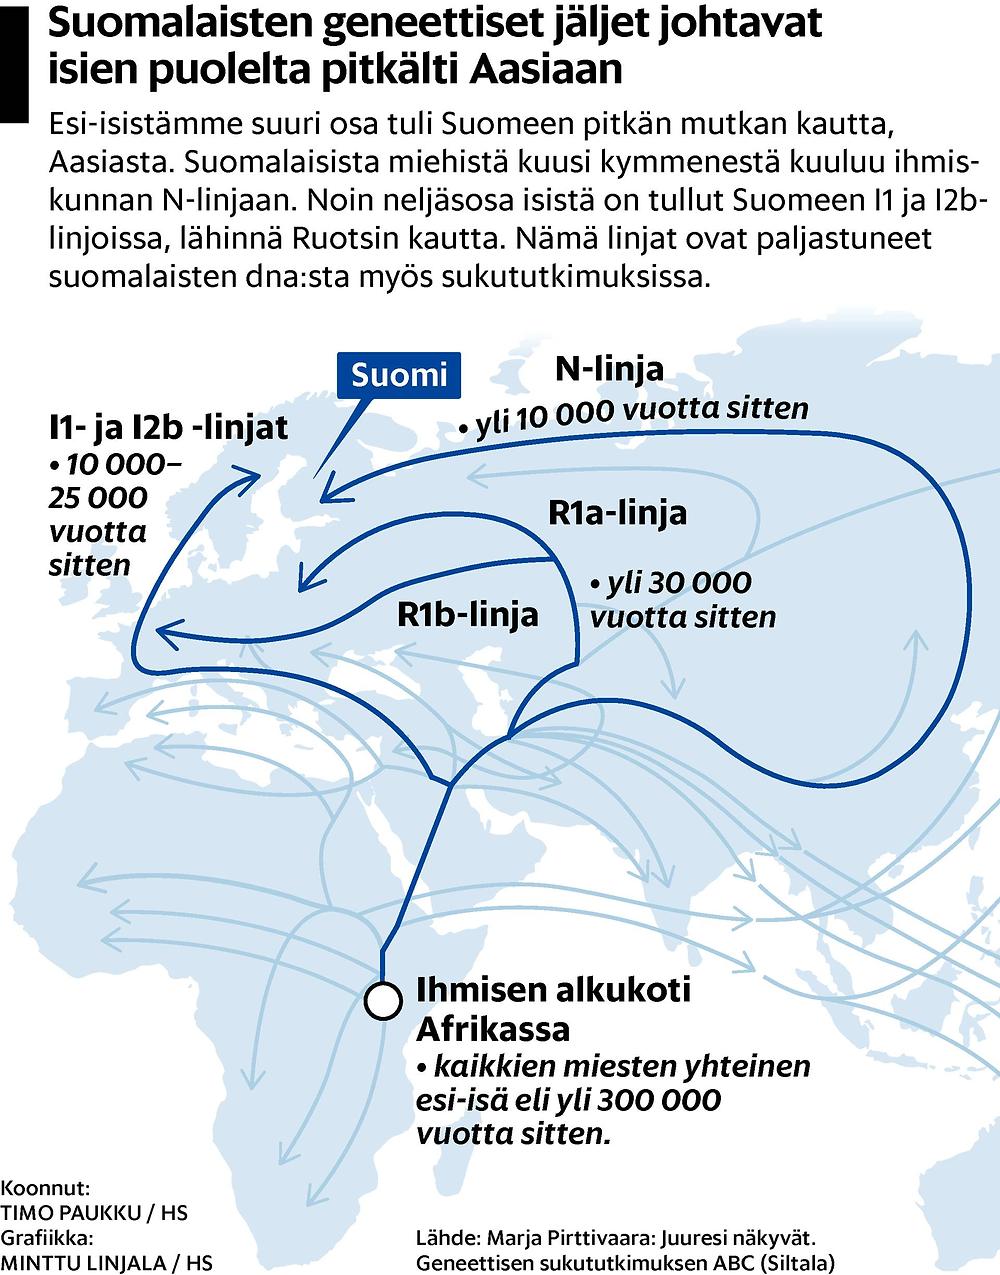 Suomalaisten geneettiset jäljet